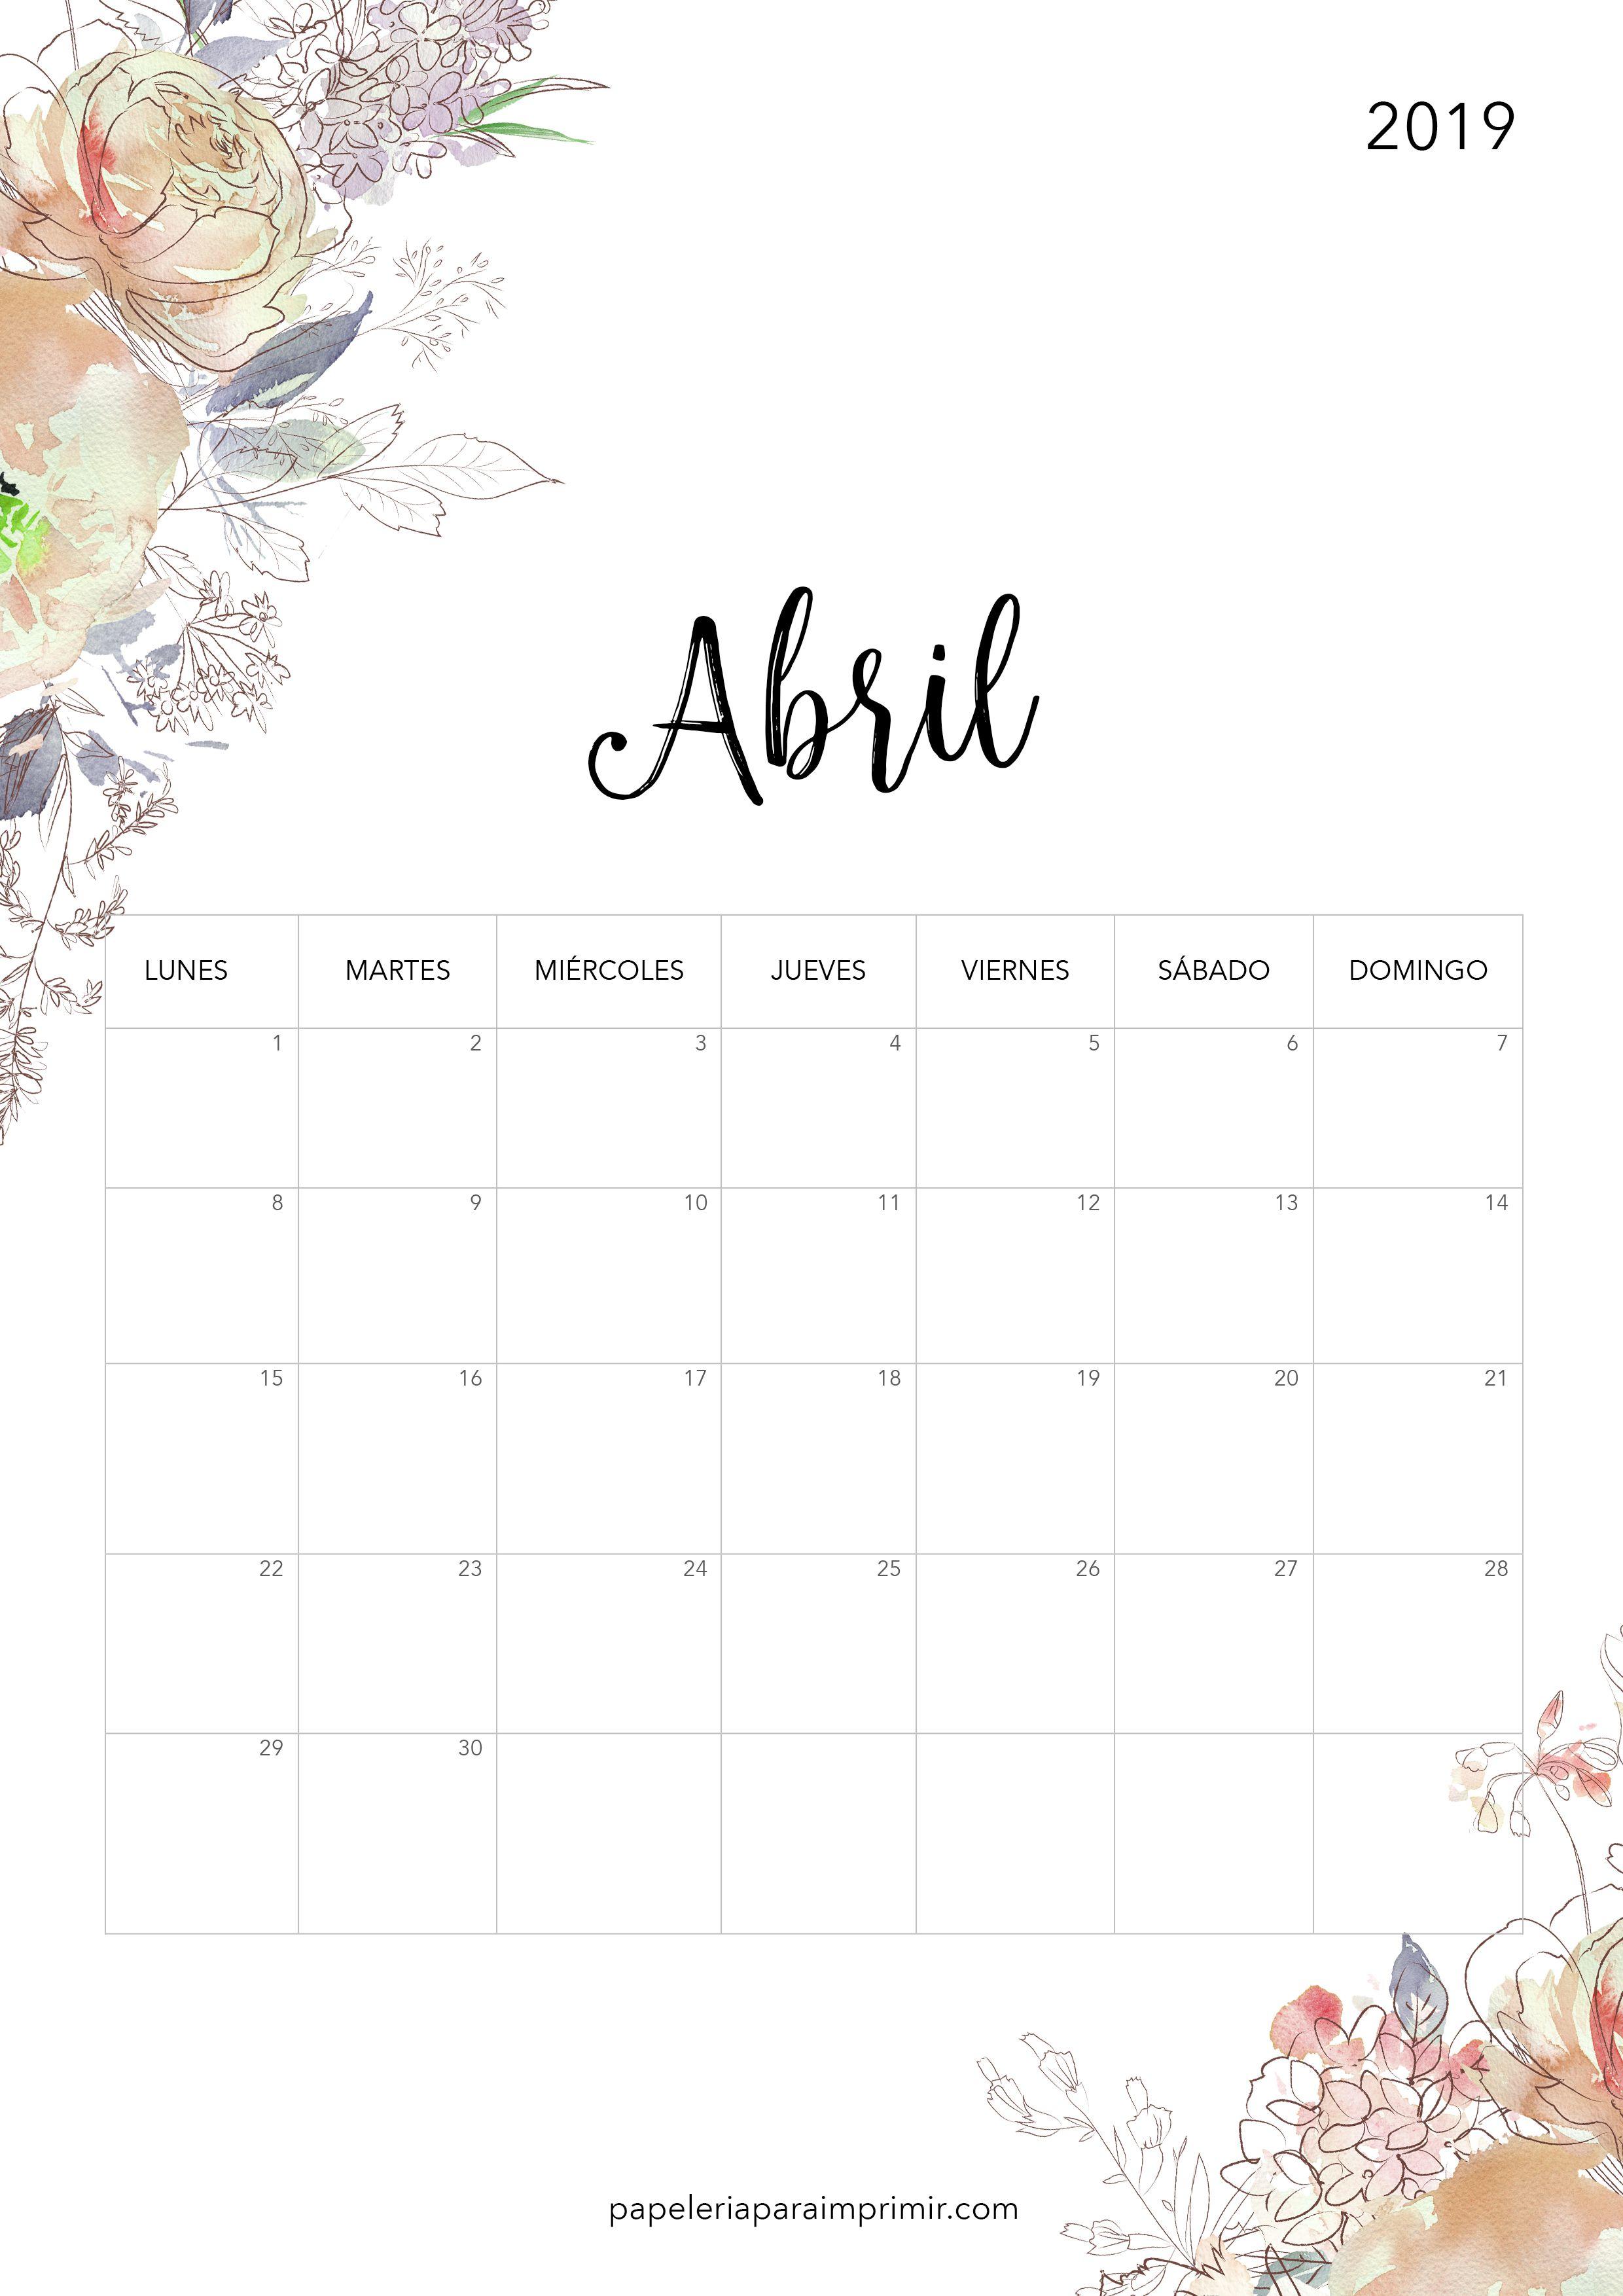 Calendario Para Imprimir 2019 Abril Calendario Imprimir